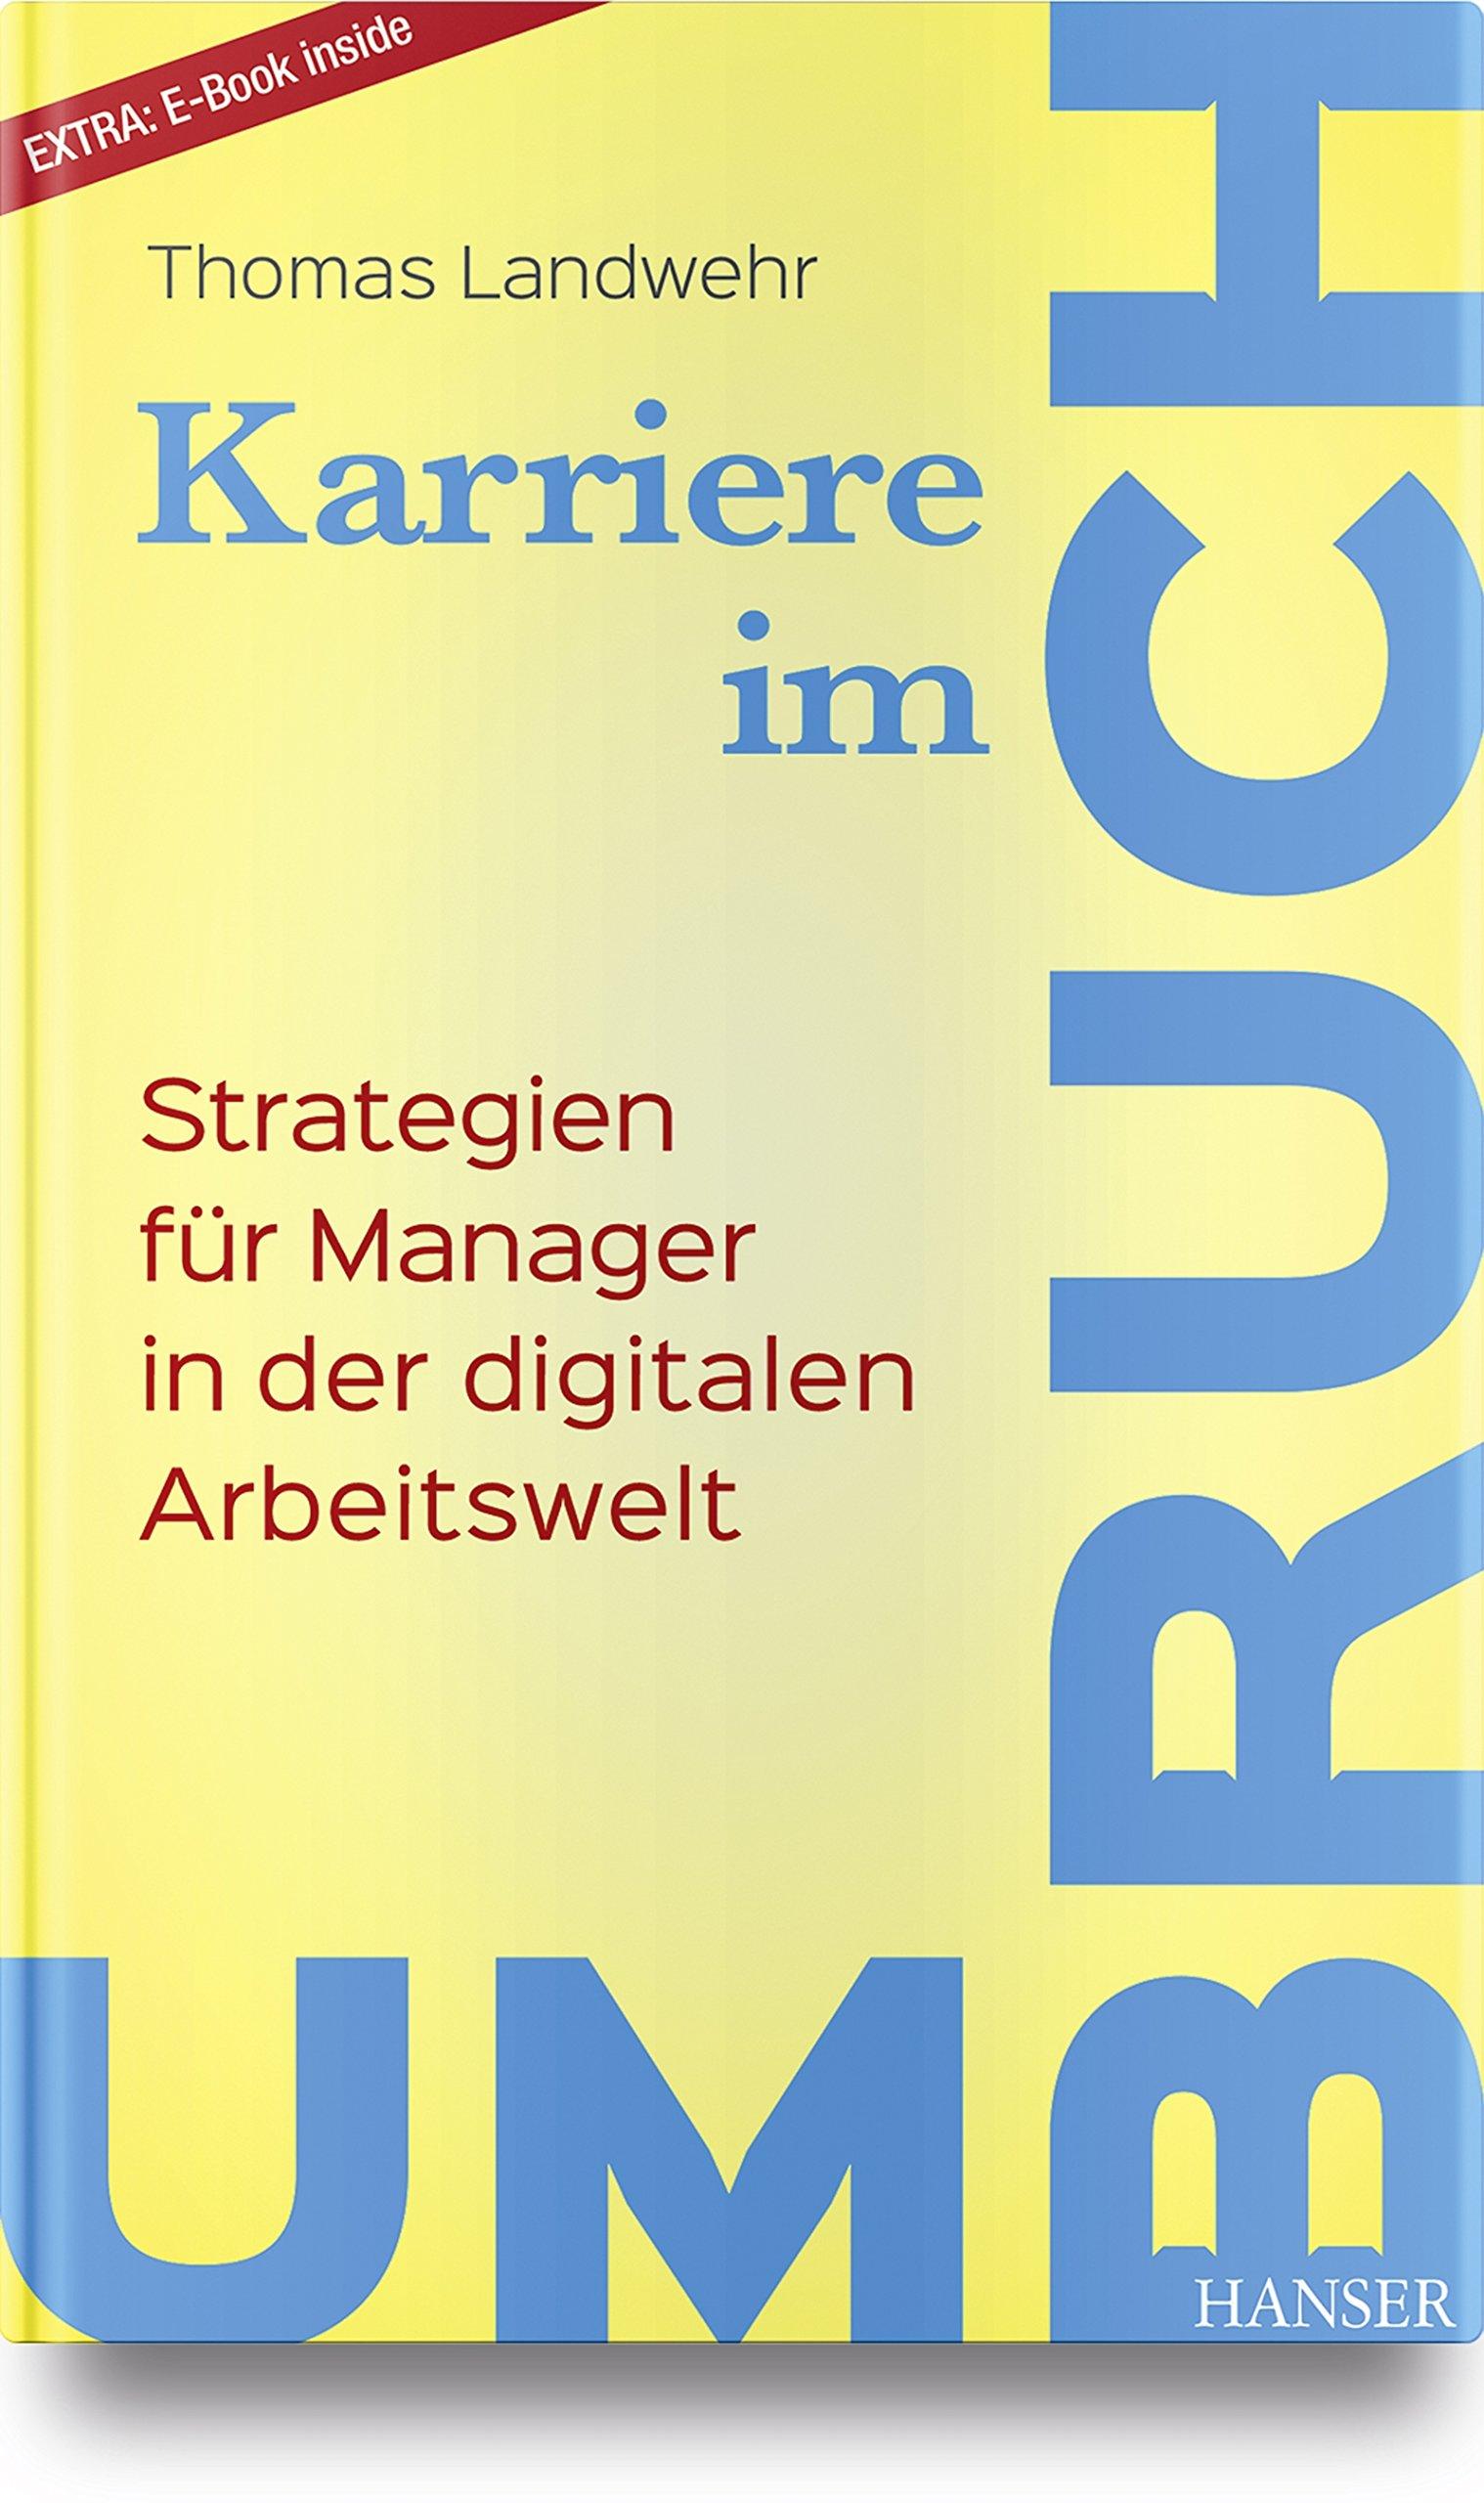 Karriere im Umbruch. Strategien für Manager in der digitalen Arbeitswelt